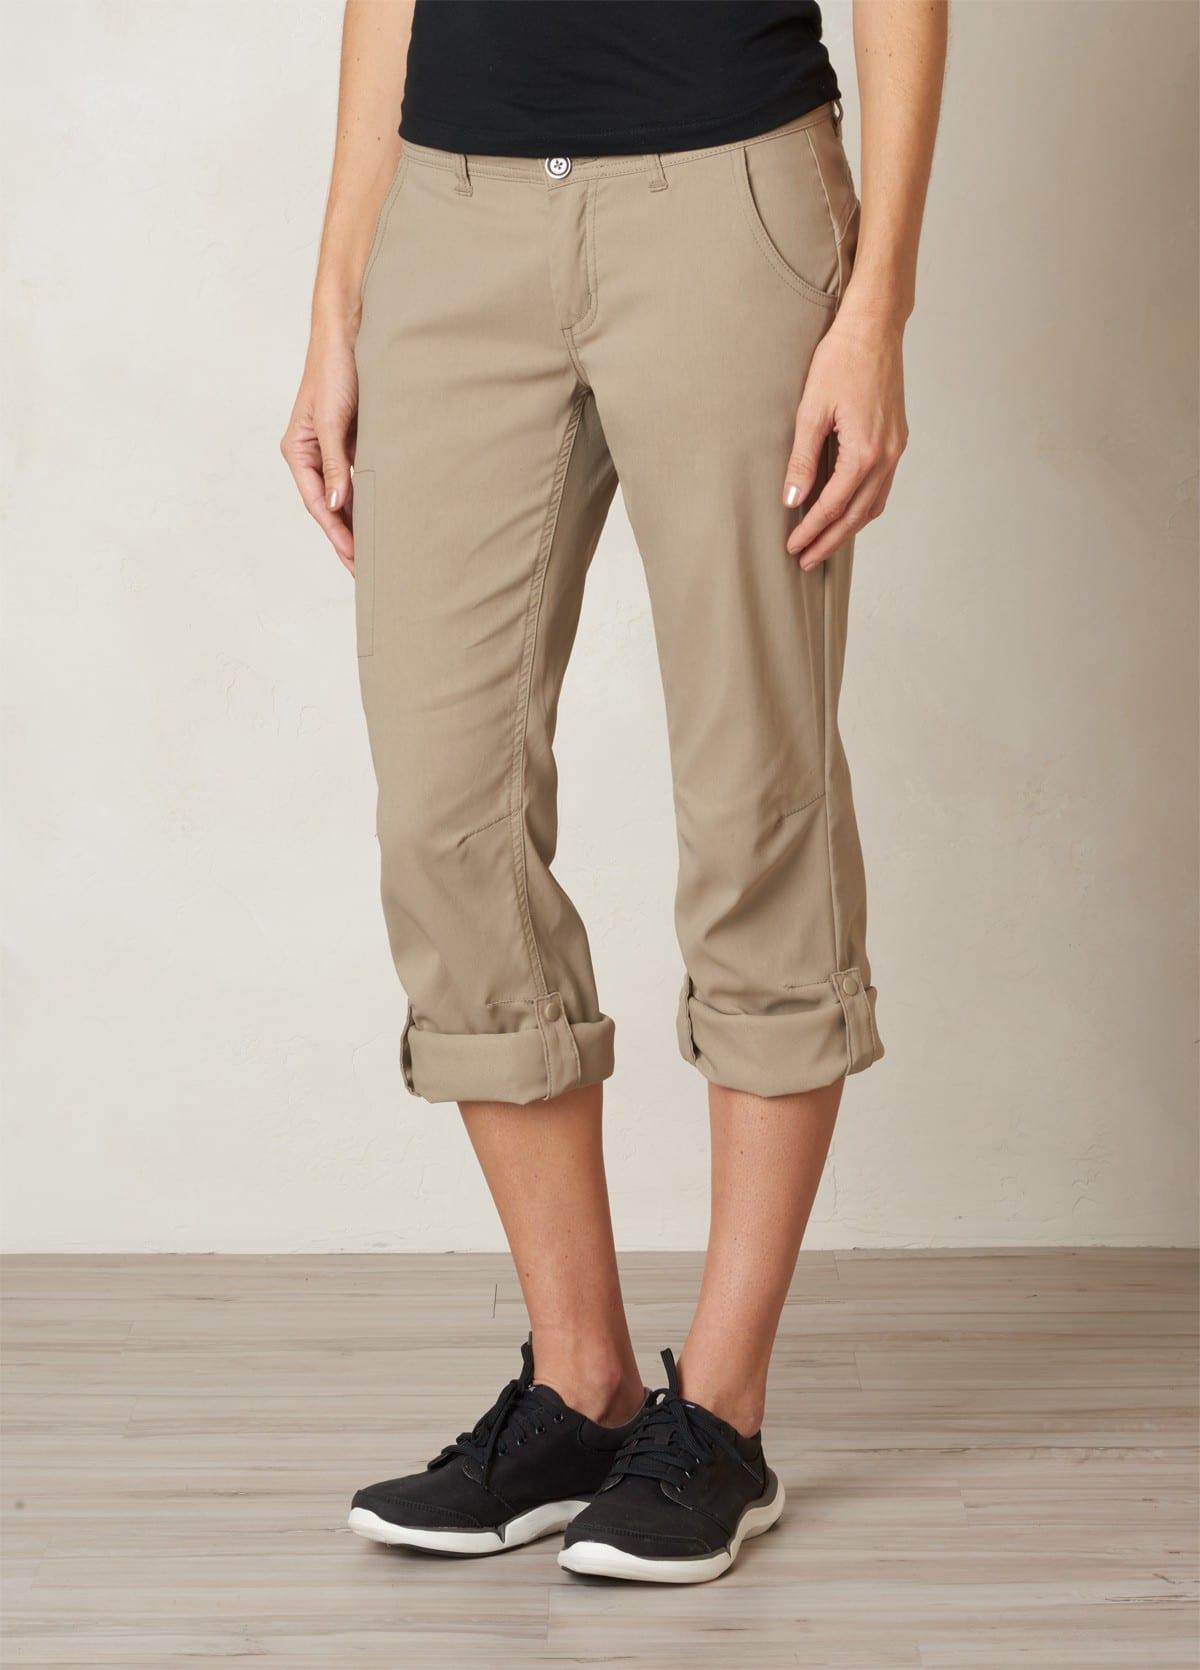 Best Women\'s Travel Pants & Skirts - Tortuga Backpacks Blog